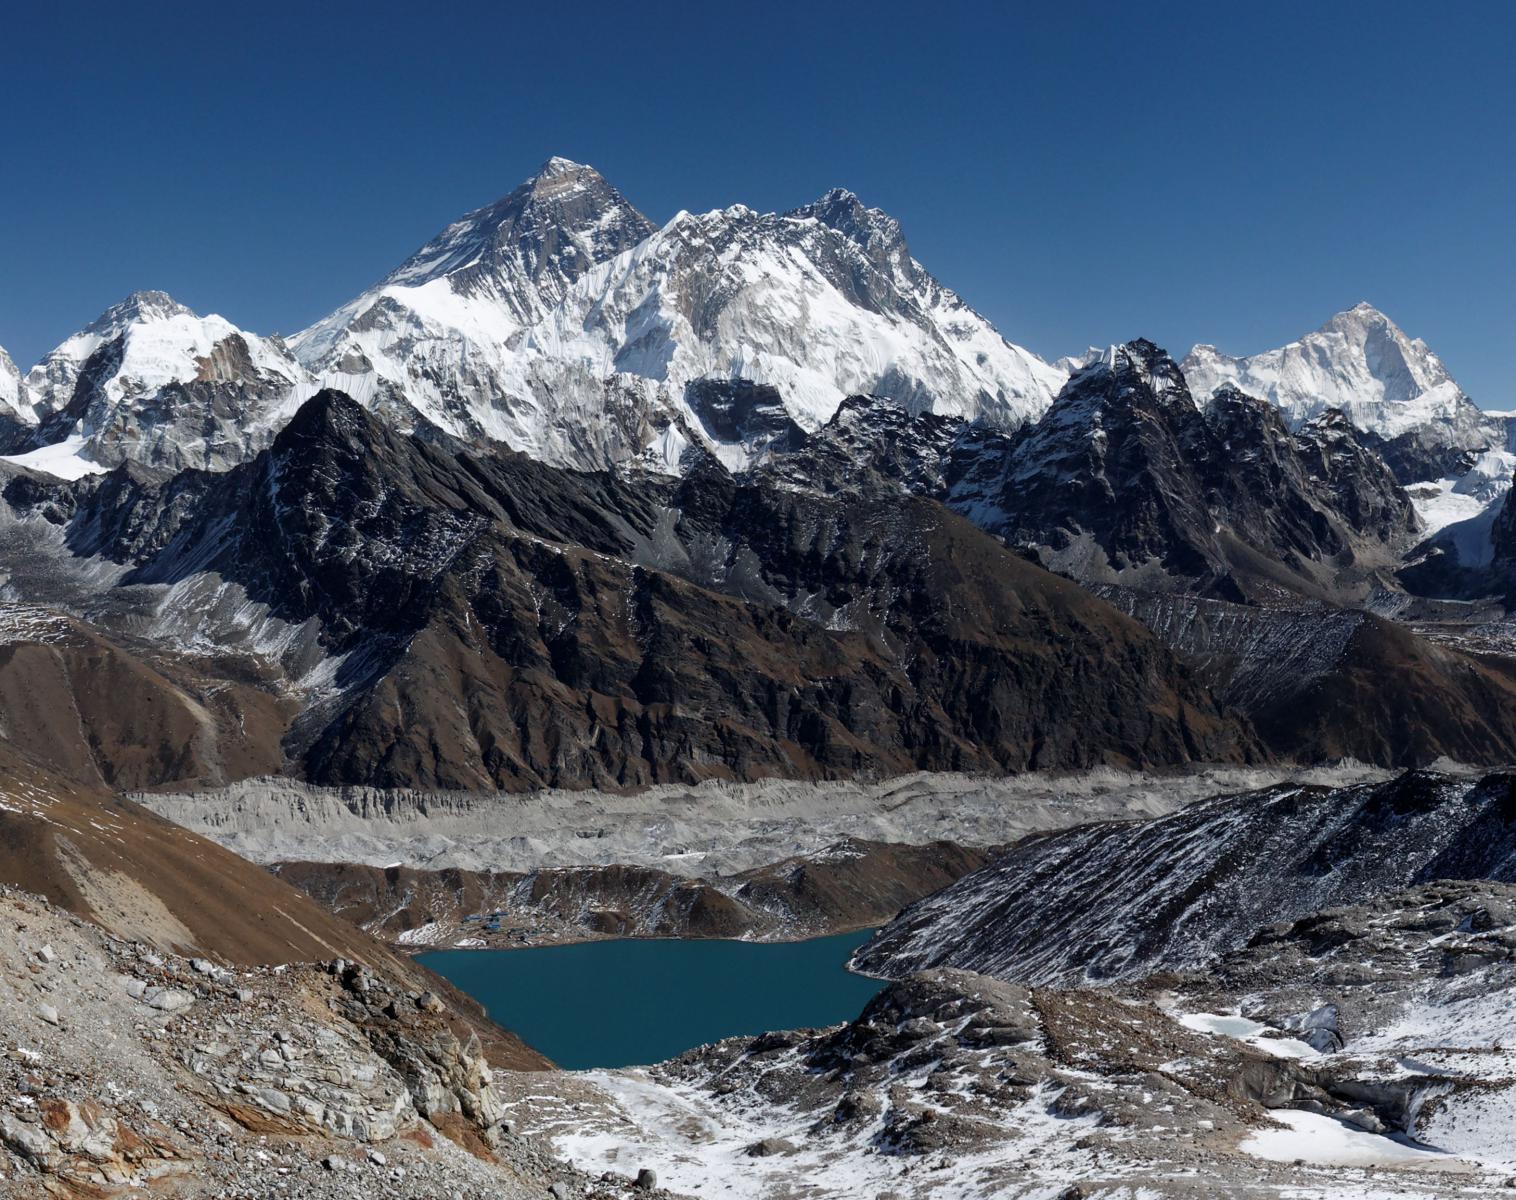 Népal  L'Everest autrement   Trek & Randonnée Rencontres et cultures du Monde